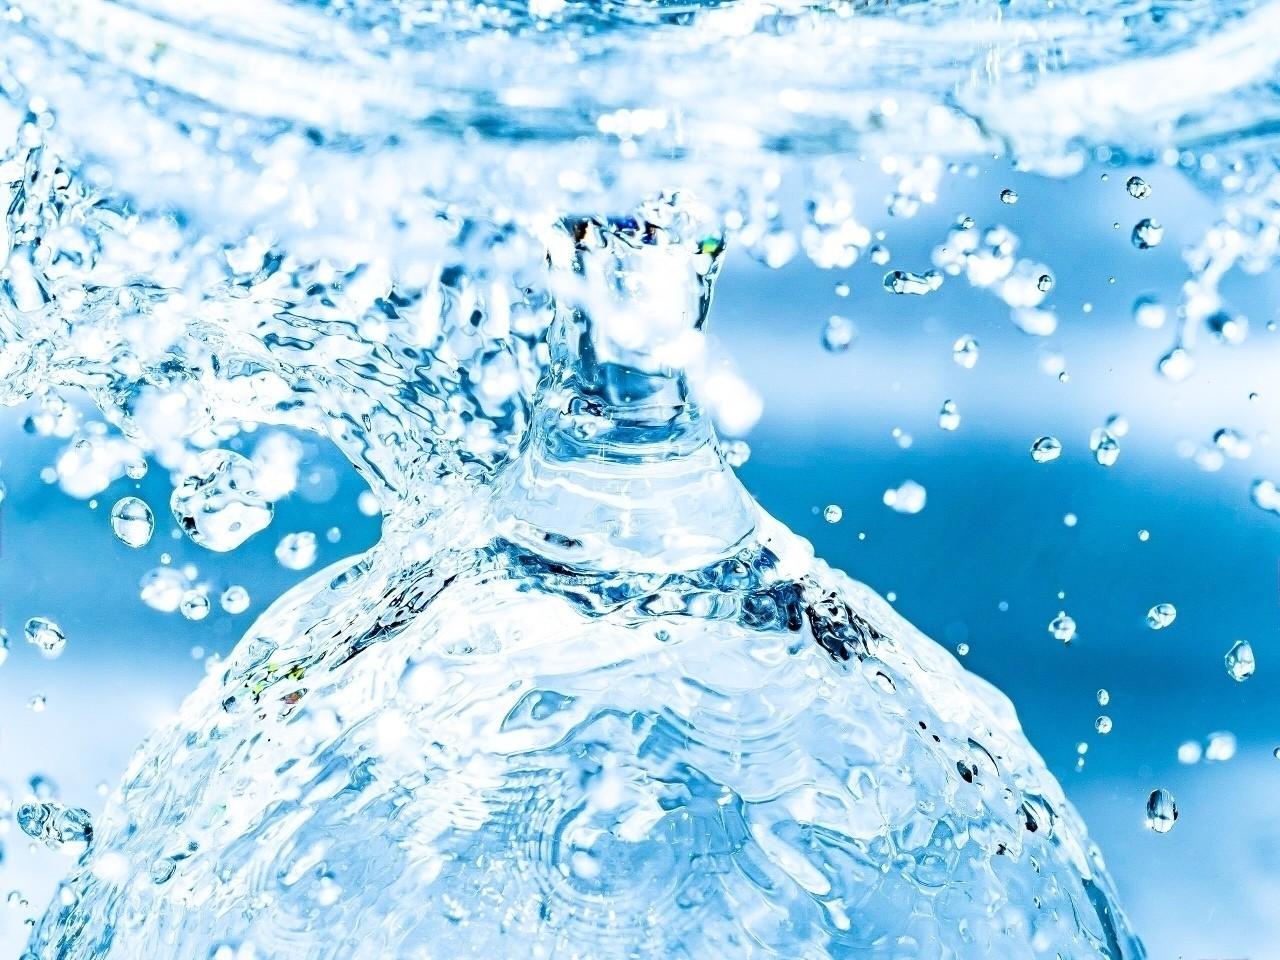 Drop of water #水滴 #写真